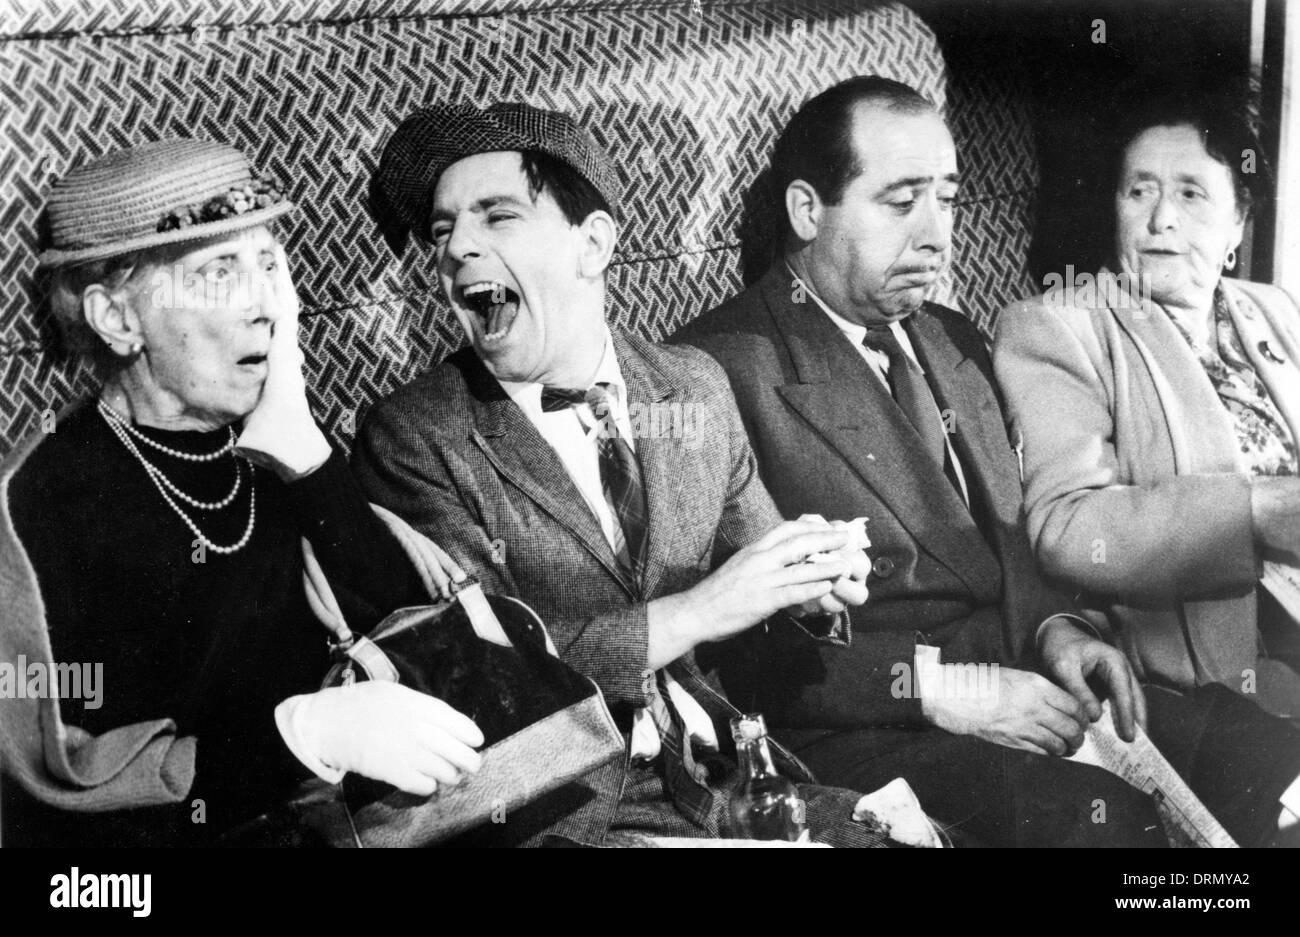 Un bon tour 1955 Deux villes film avec Norman sagesse à gauche Photo Stock